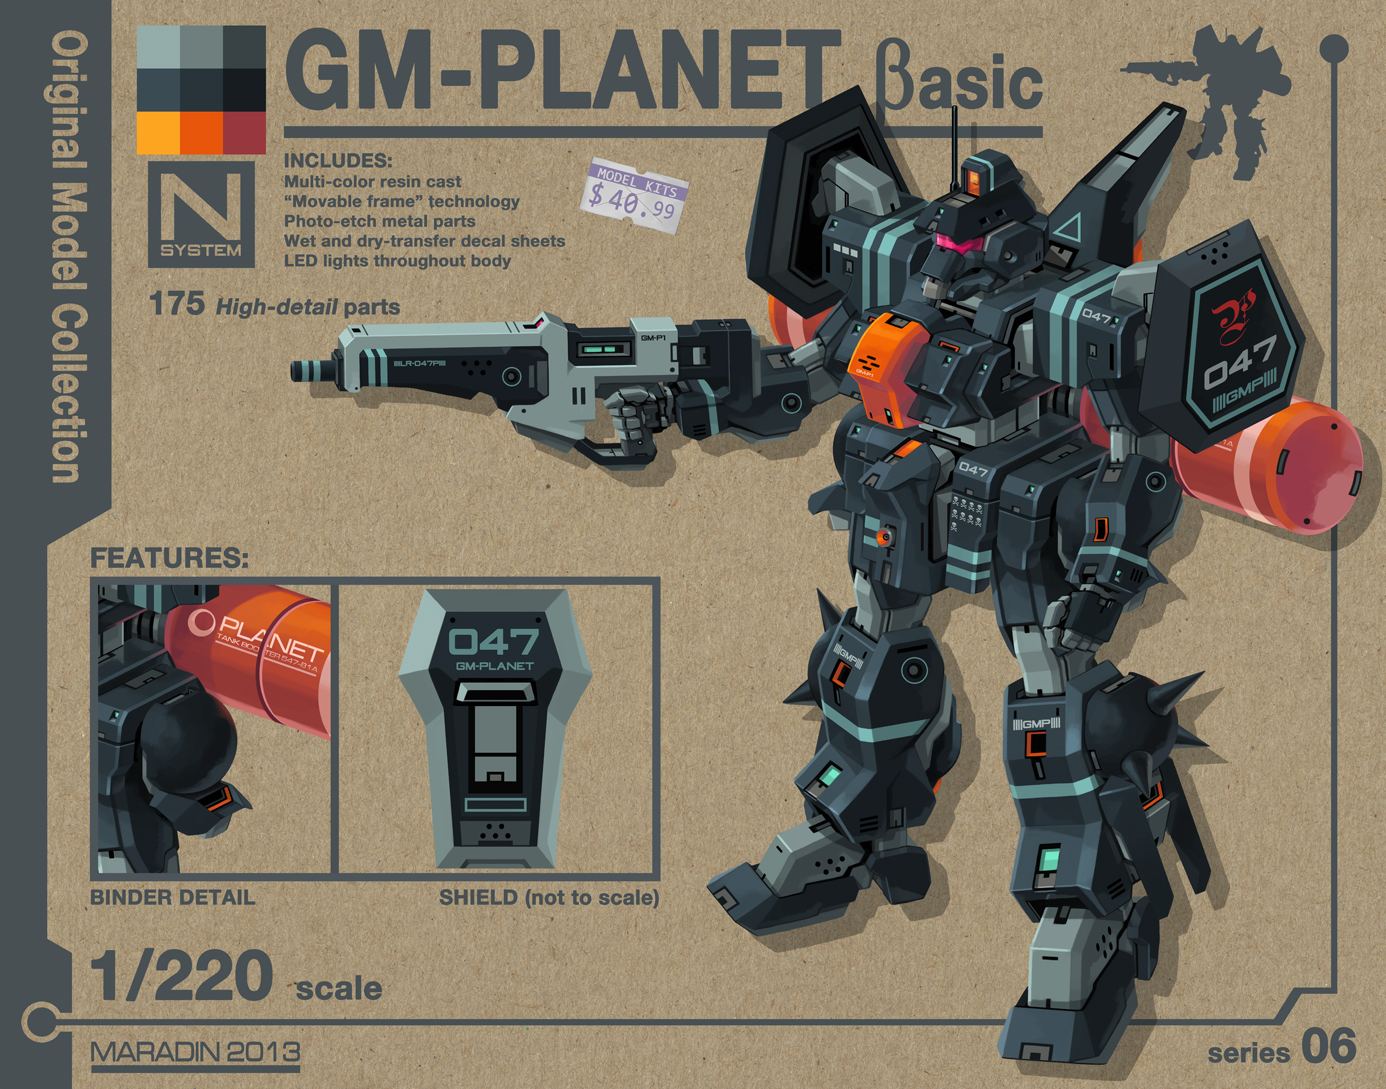 GM Planet (Basic Type) by Nidaram